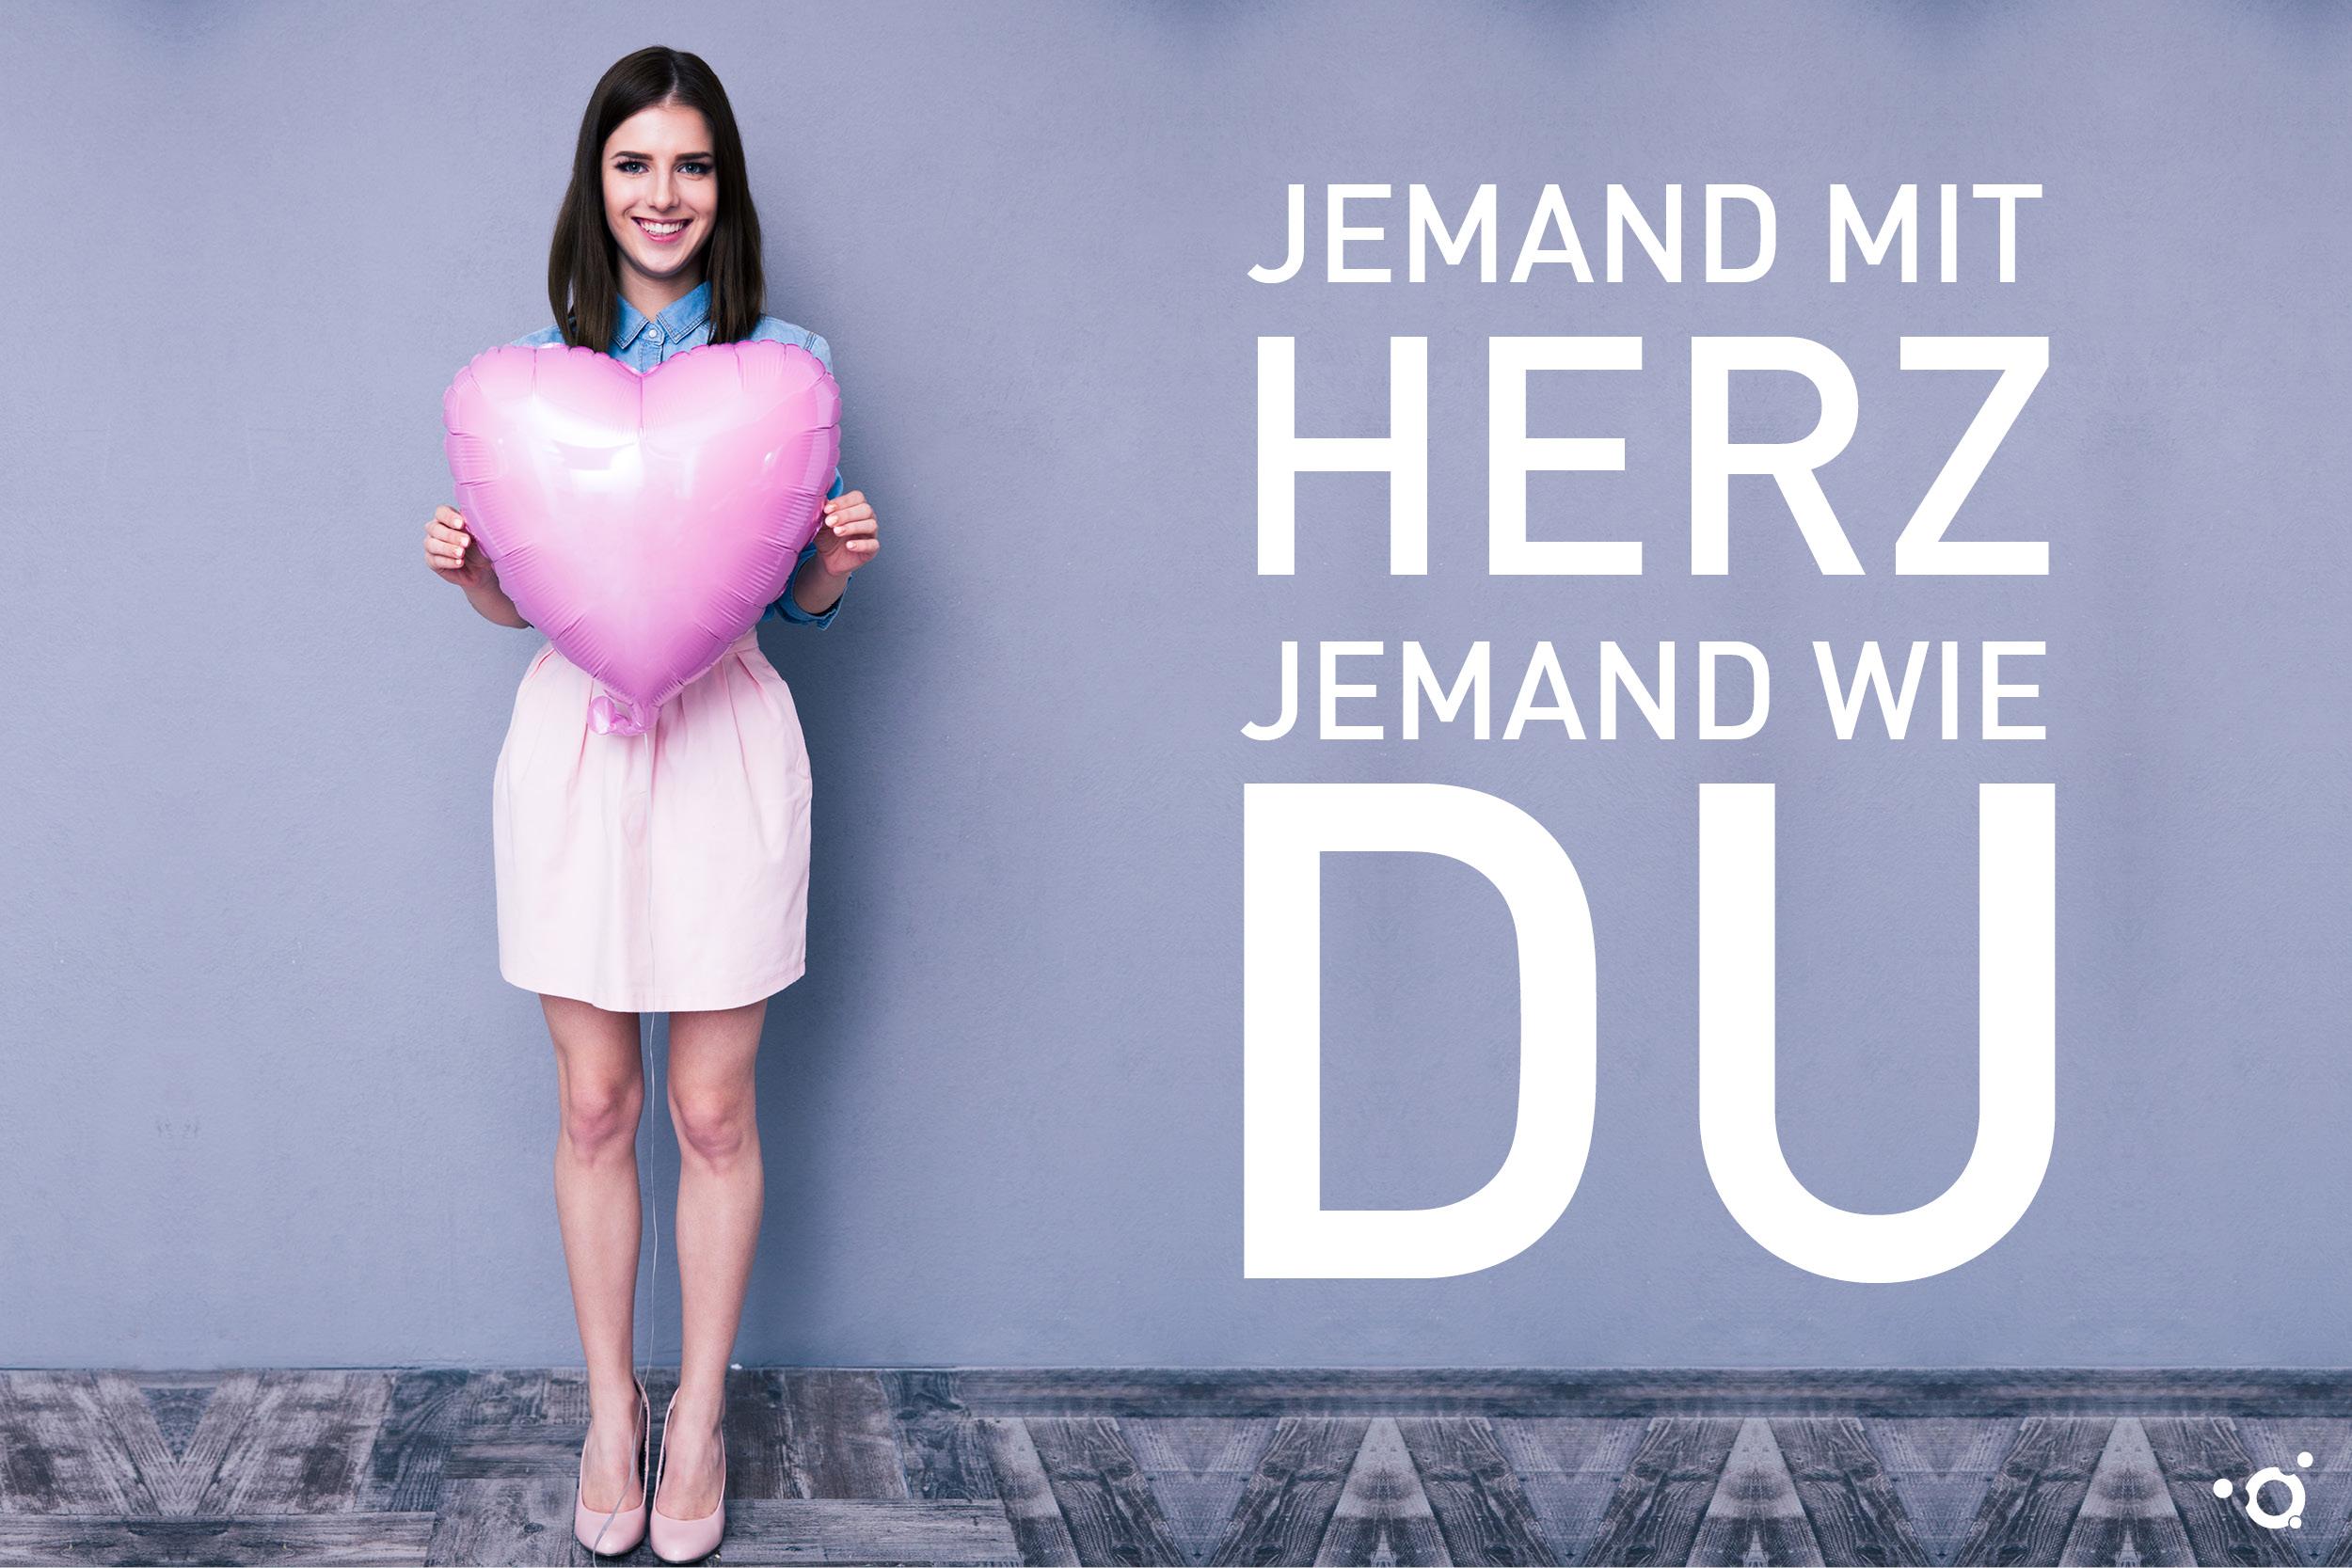 Imagebild der Azubi-Kampagne des Klinikums Ingolstadt: Jemand mit Herz, jemand wie DU!